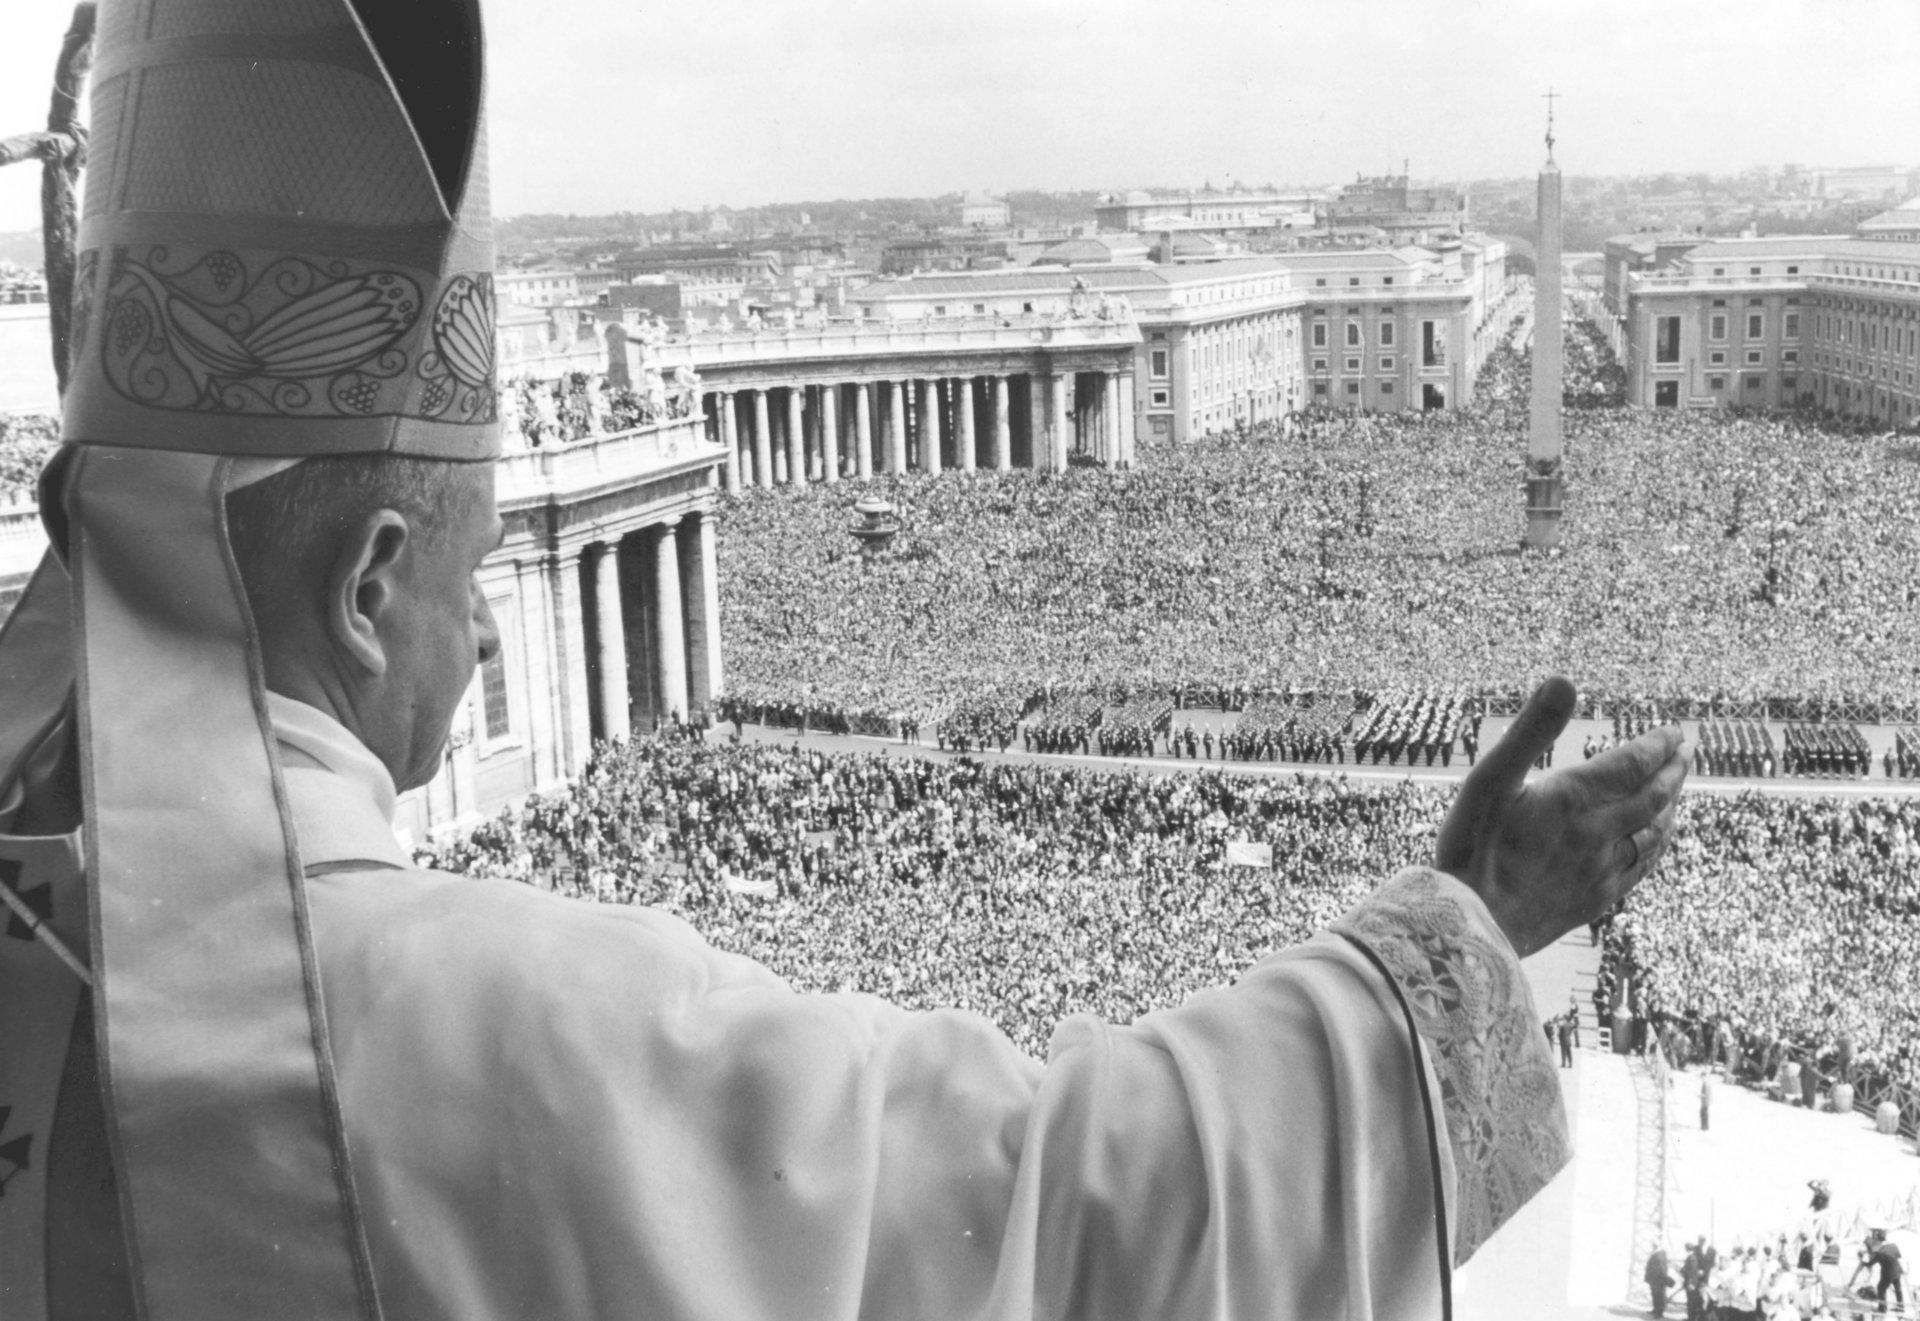 10 tấm ảnh chụp lại khoảnh khắc lịch sử bạn chưa từng biết tới